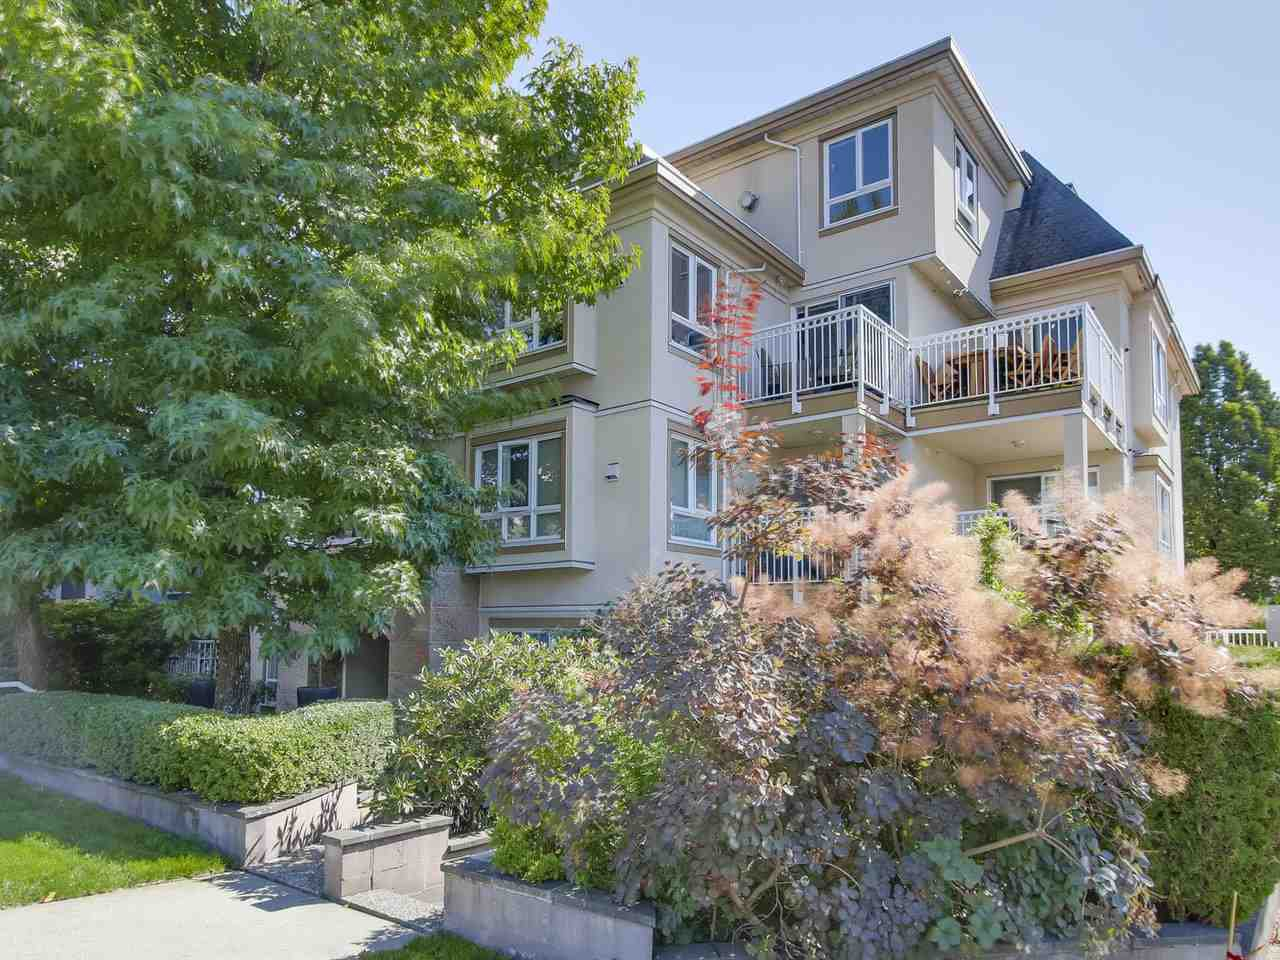 """Main Photo: 401 228 E 14TH Avenue in Vancouver: Mount Pleasant VE Condo for sale in """"DeVa"""" (Vancouver East)  : MLS®# R2207706"""